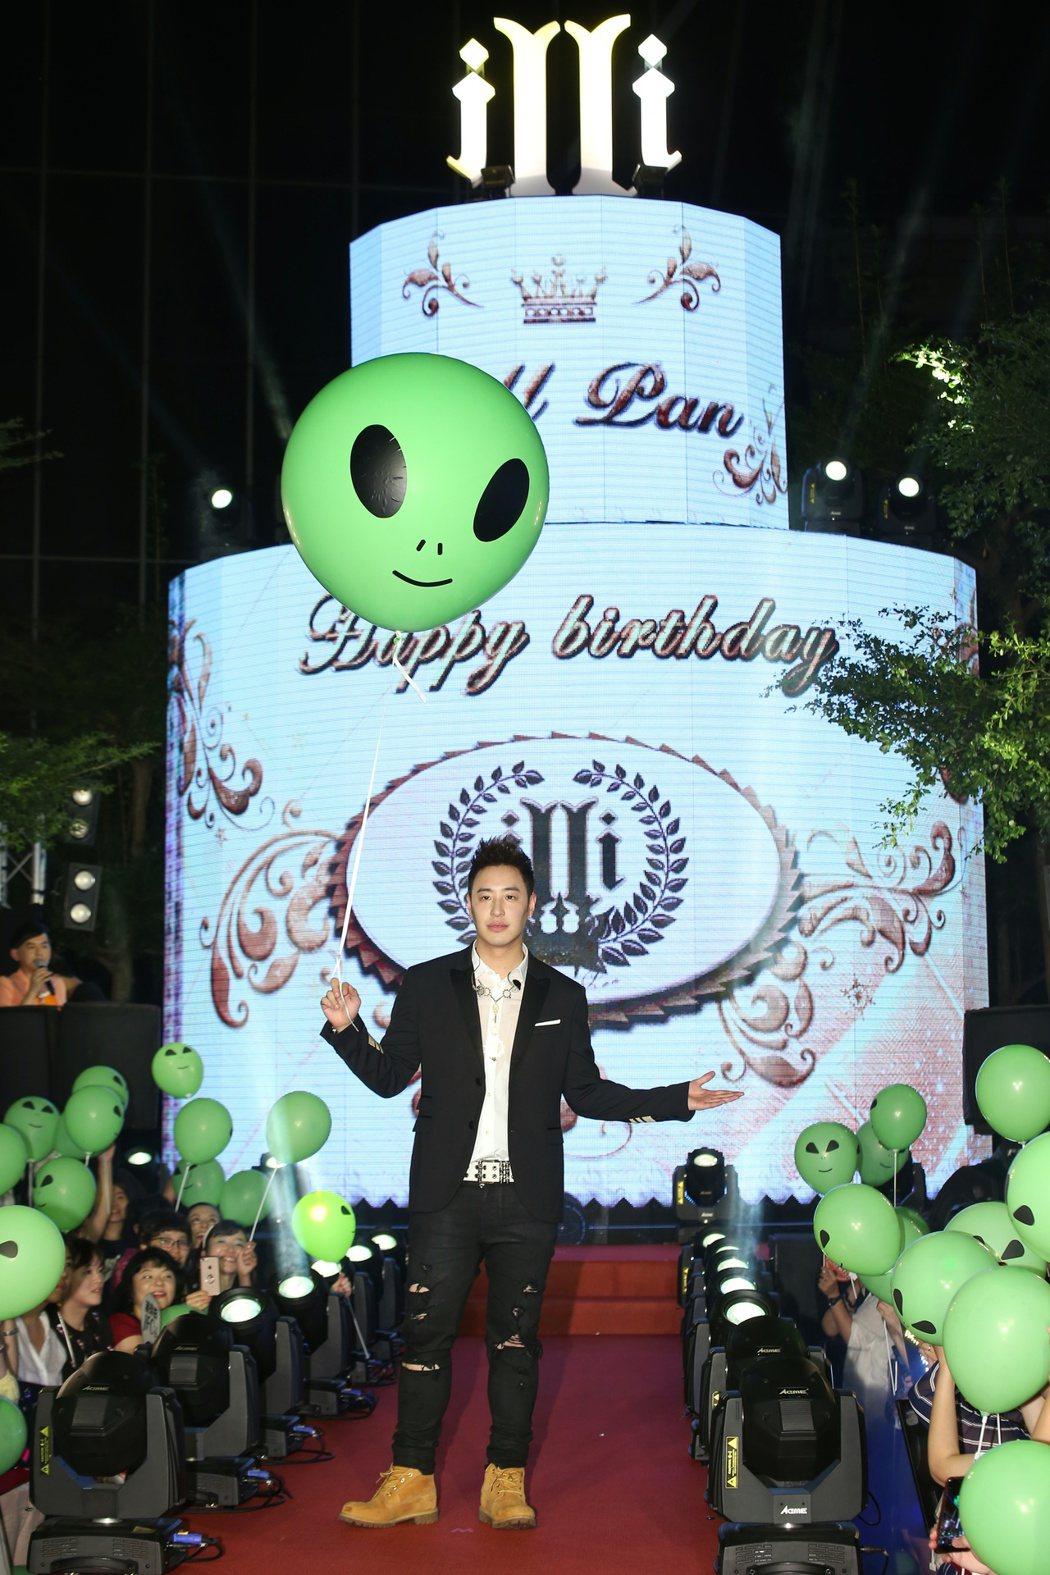 潘瑋柏於台北華納威秀舉辦全新專輯異類mv首映,唱片公司送上糕達三層樓超大LED蛋...